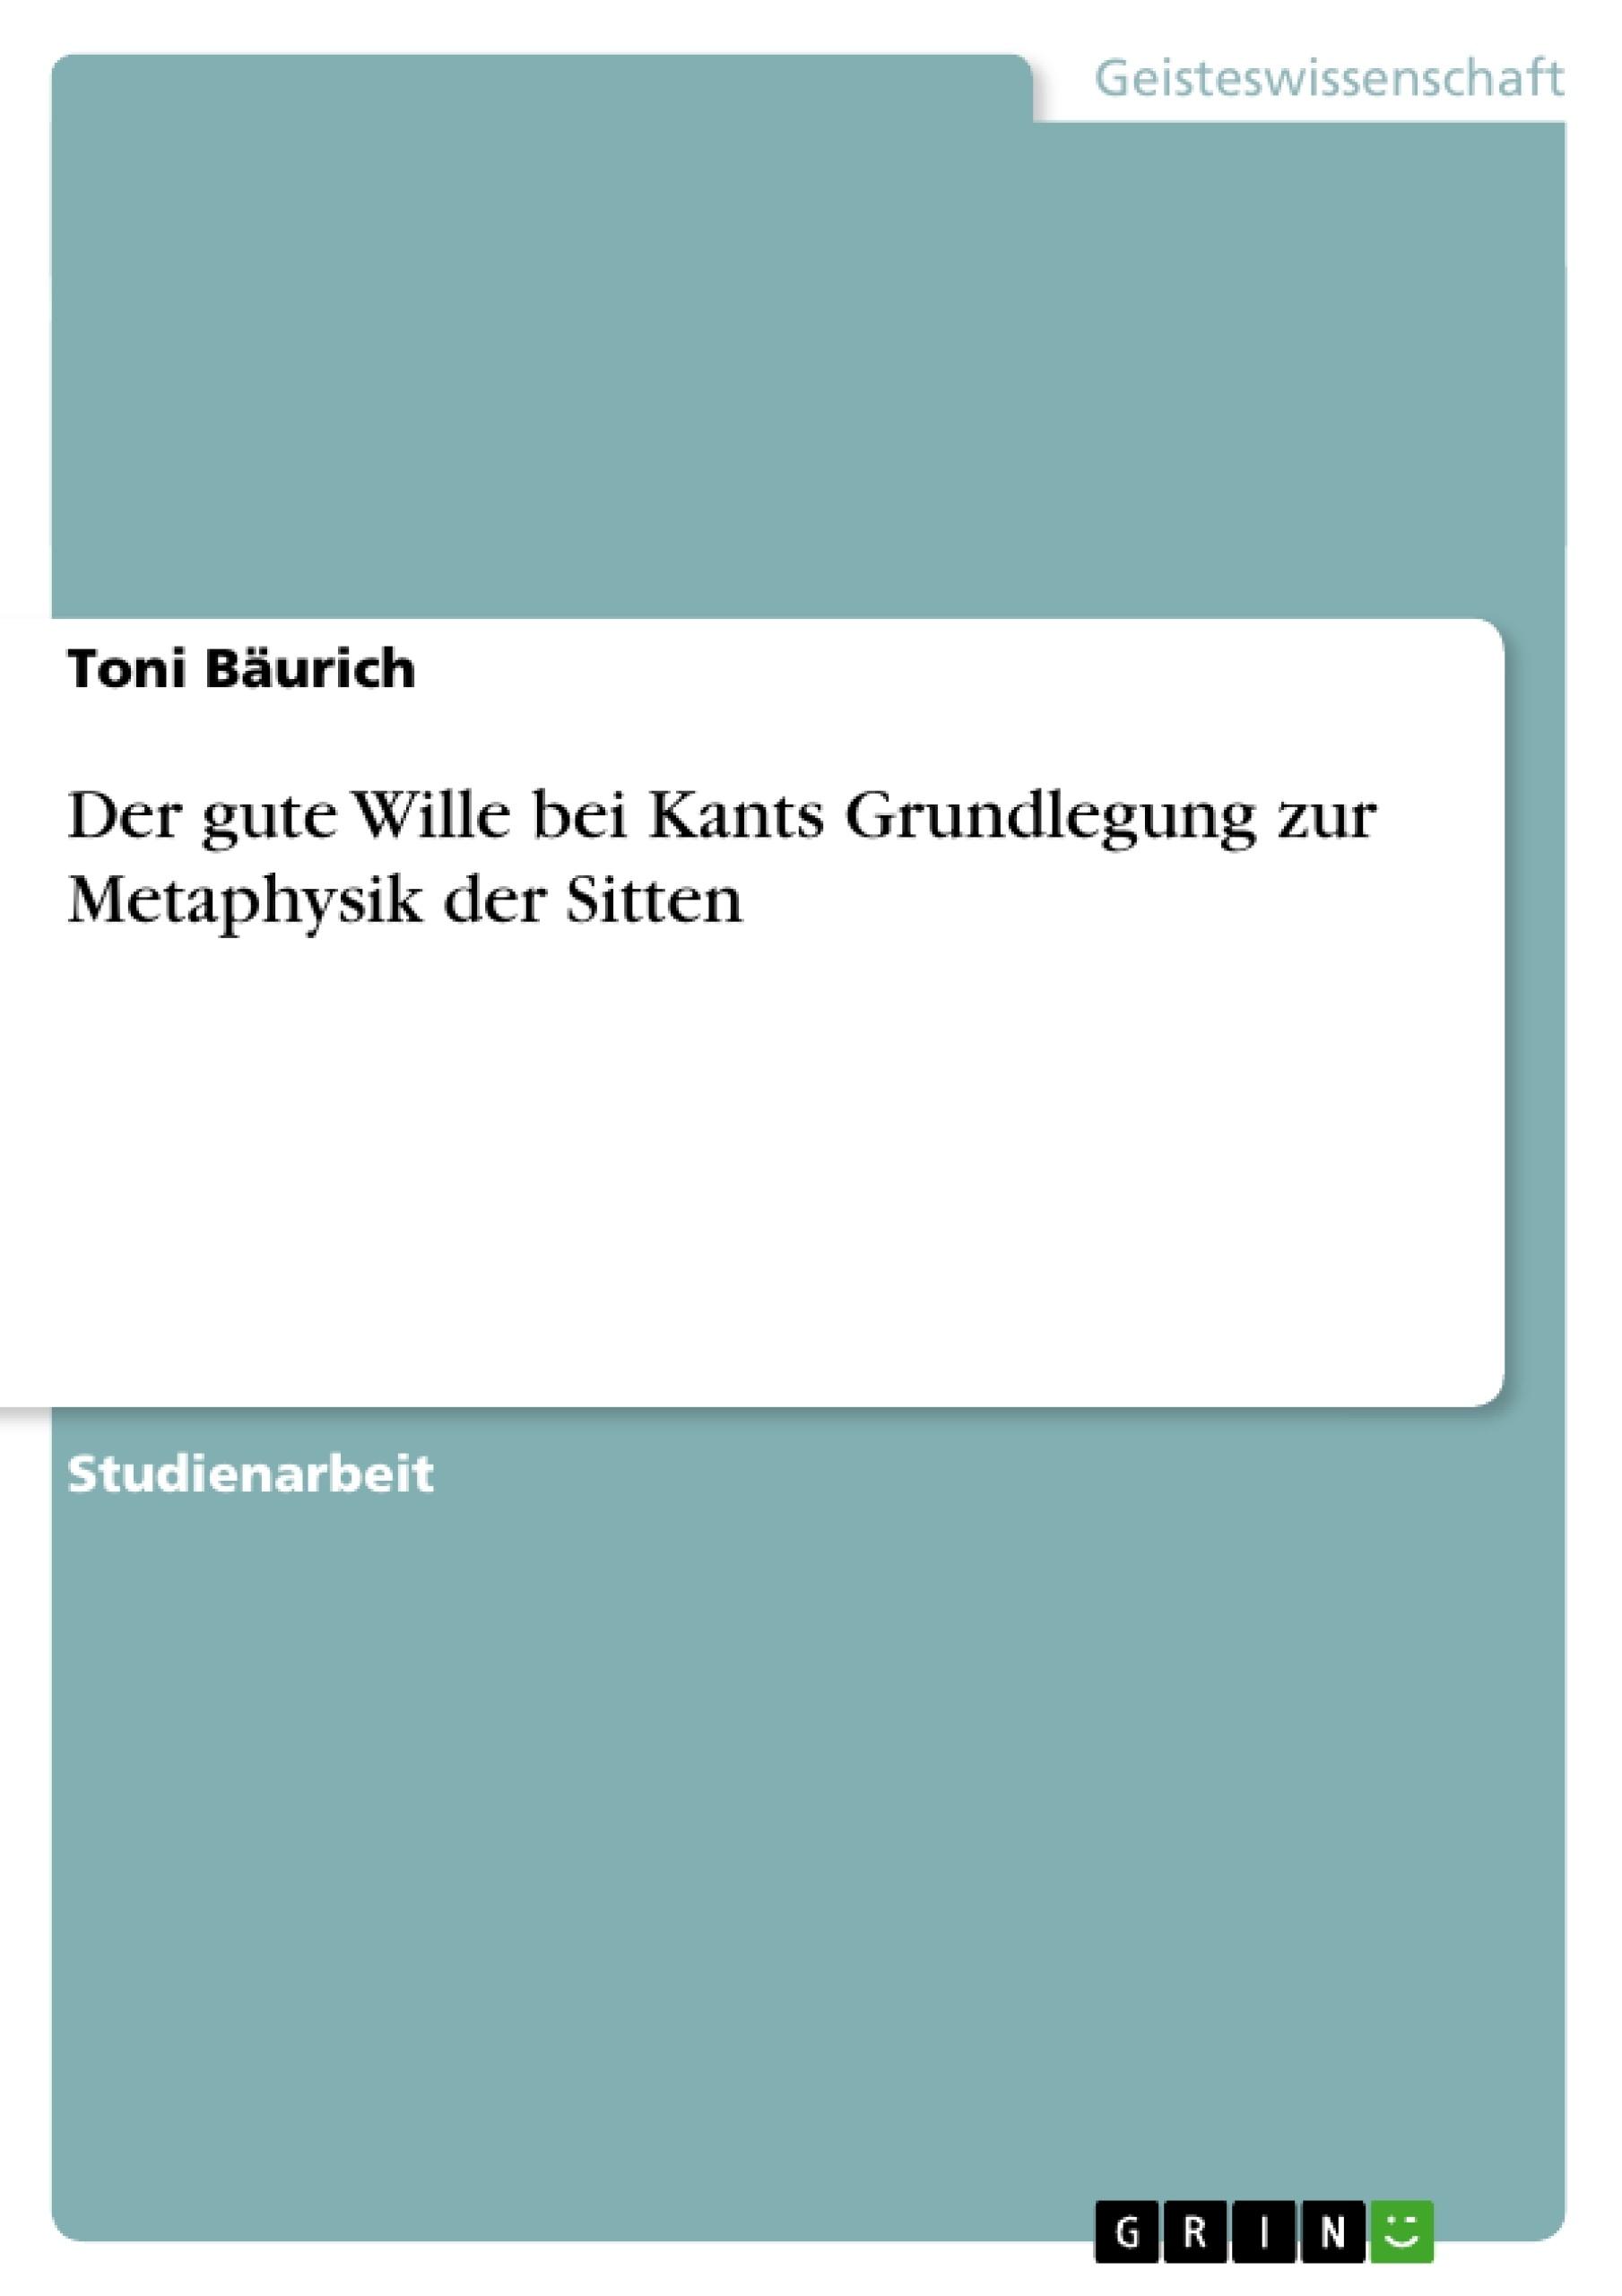 Titel: Der gute Wille bei Kants Grundlegung zur Metaphysik der Sitten